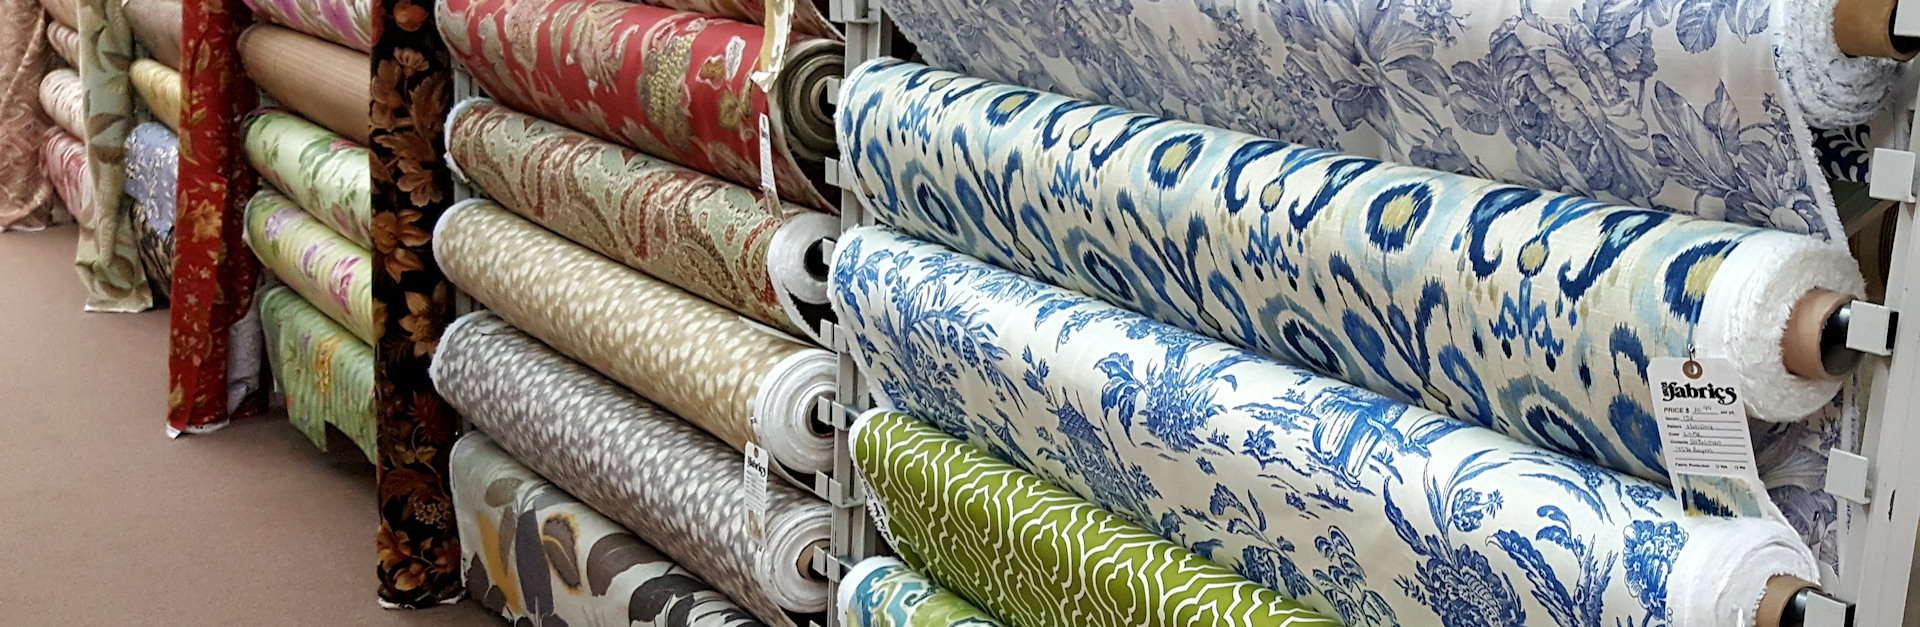 fabrics | Магазин тканей и бижутерии